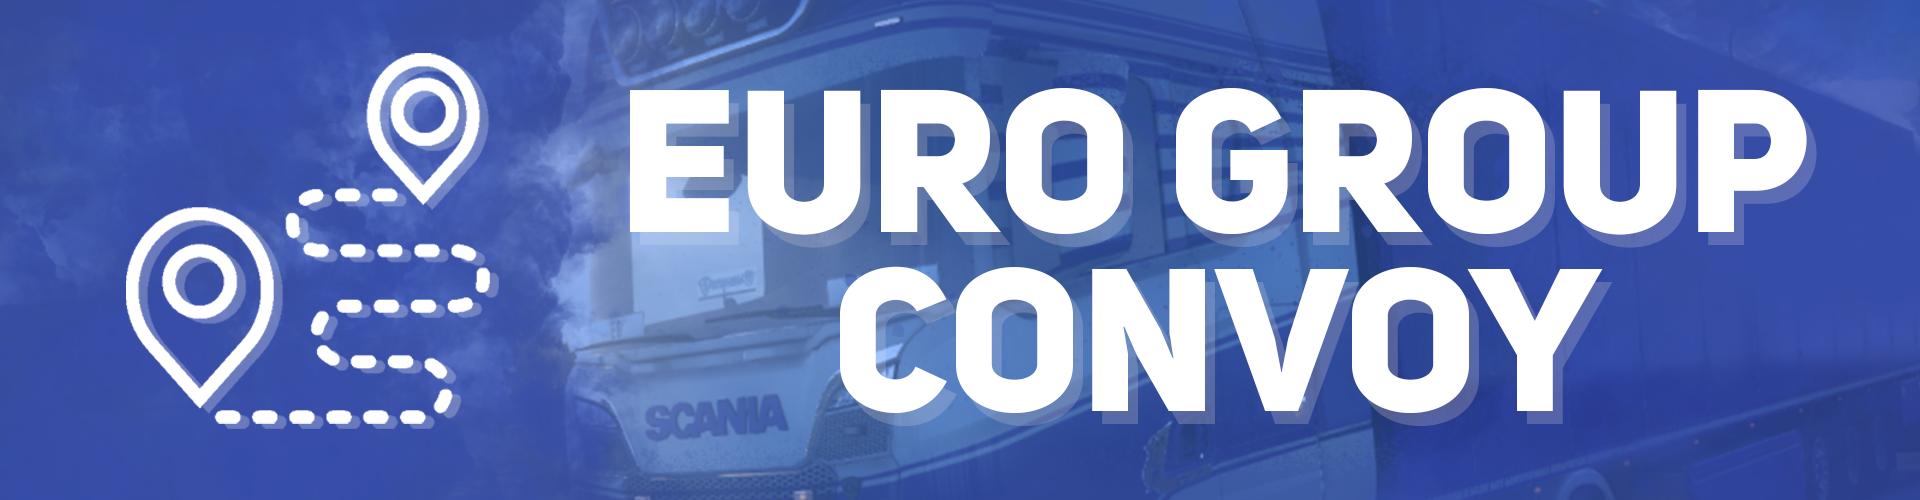 [EG] Euro Group x [LL] Lisette Logistics